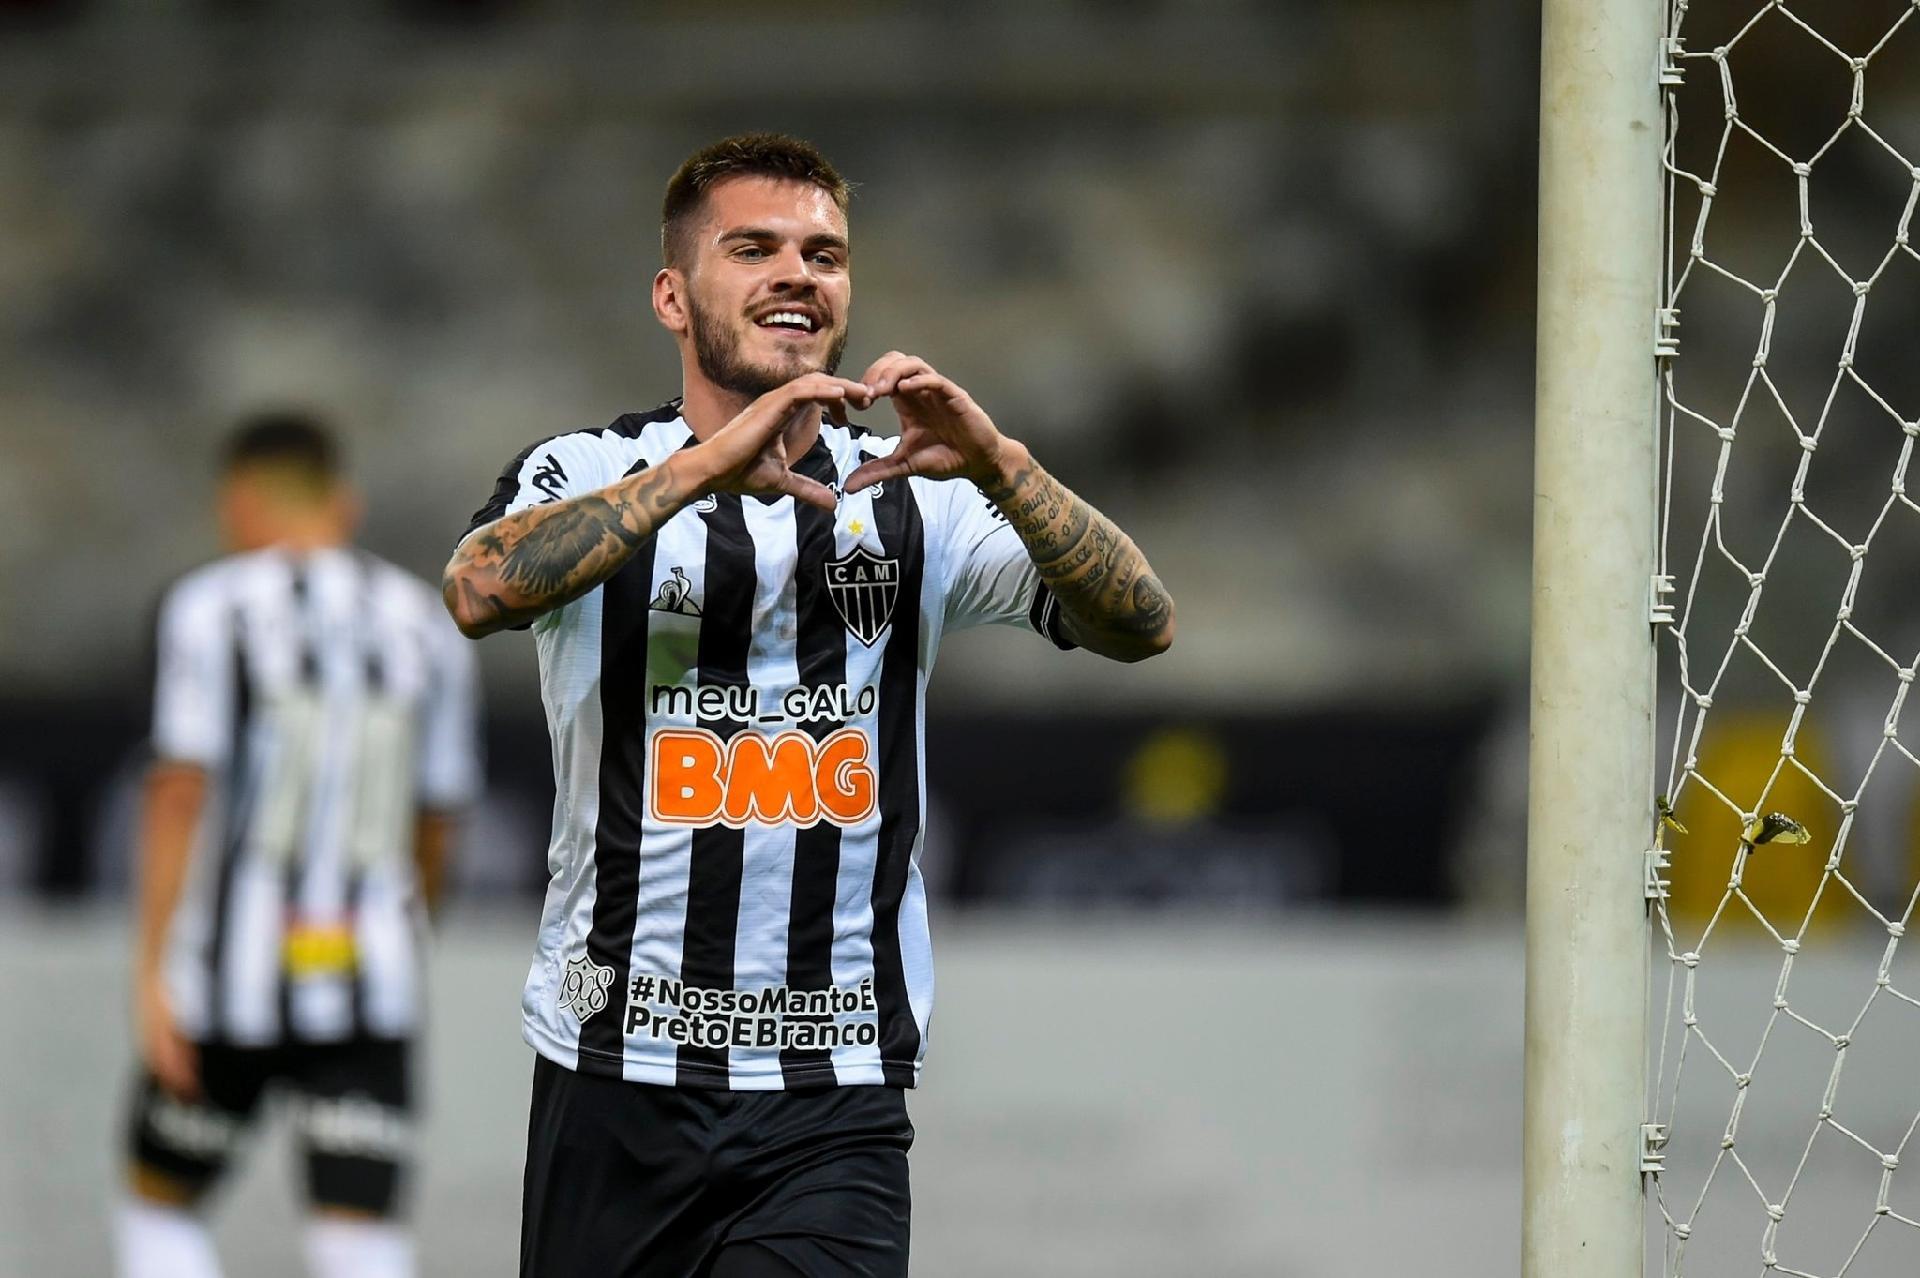 Meia do Atlético-MG